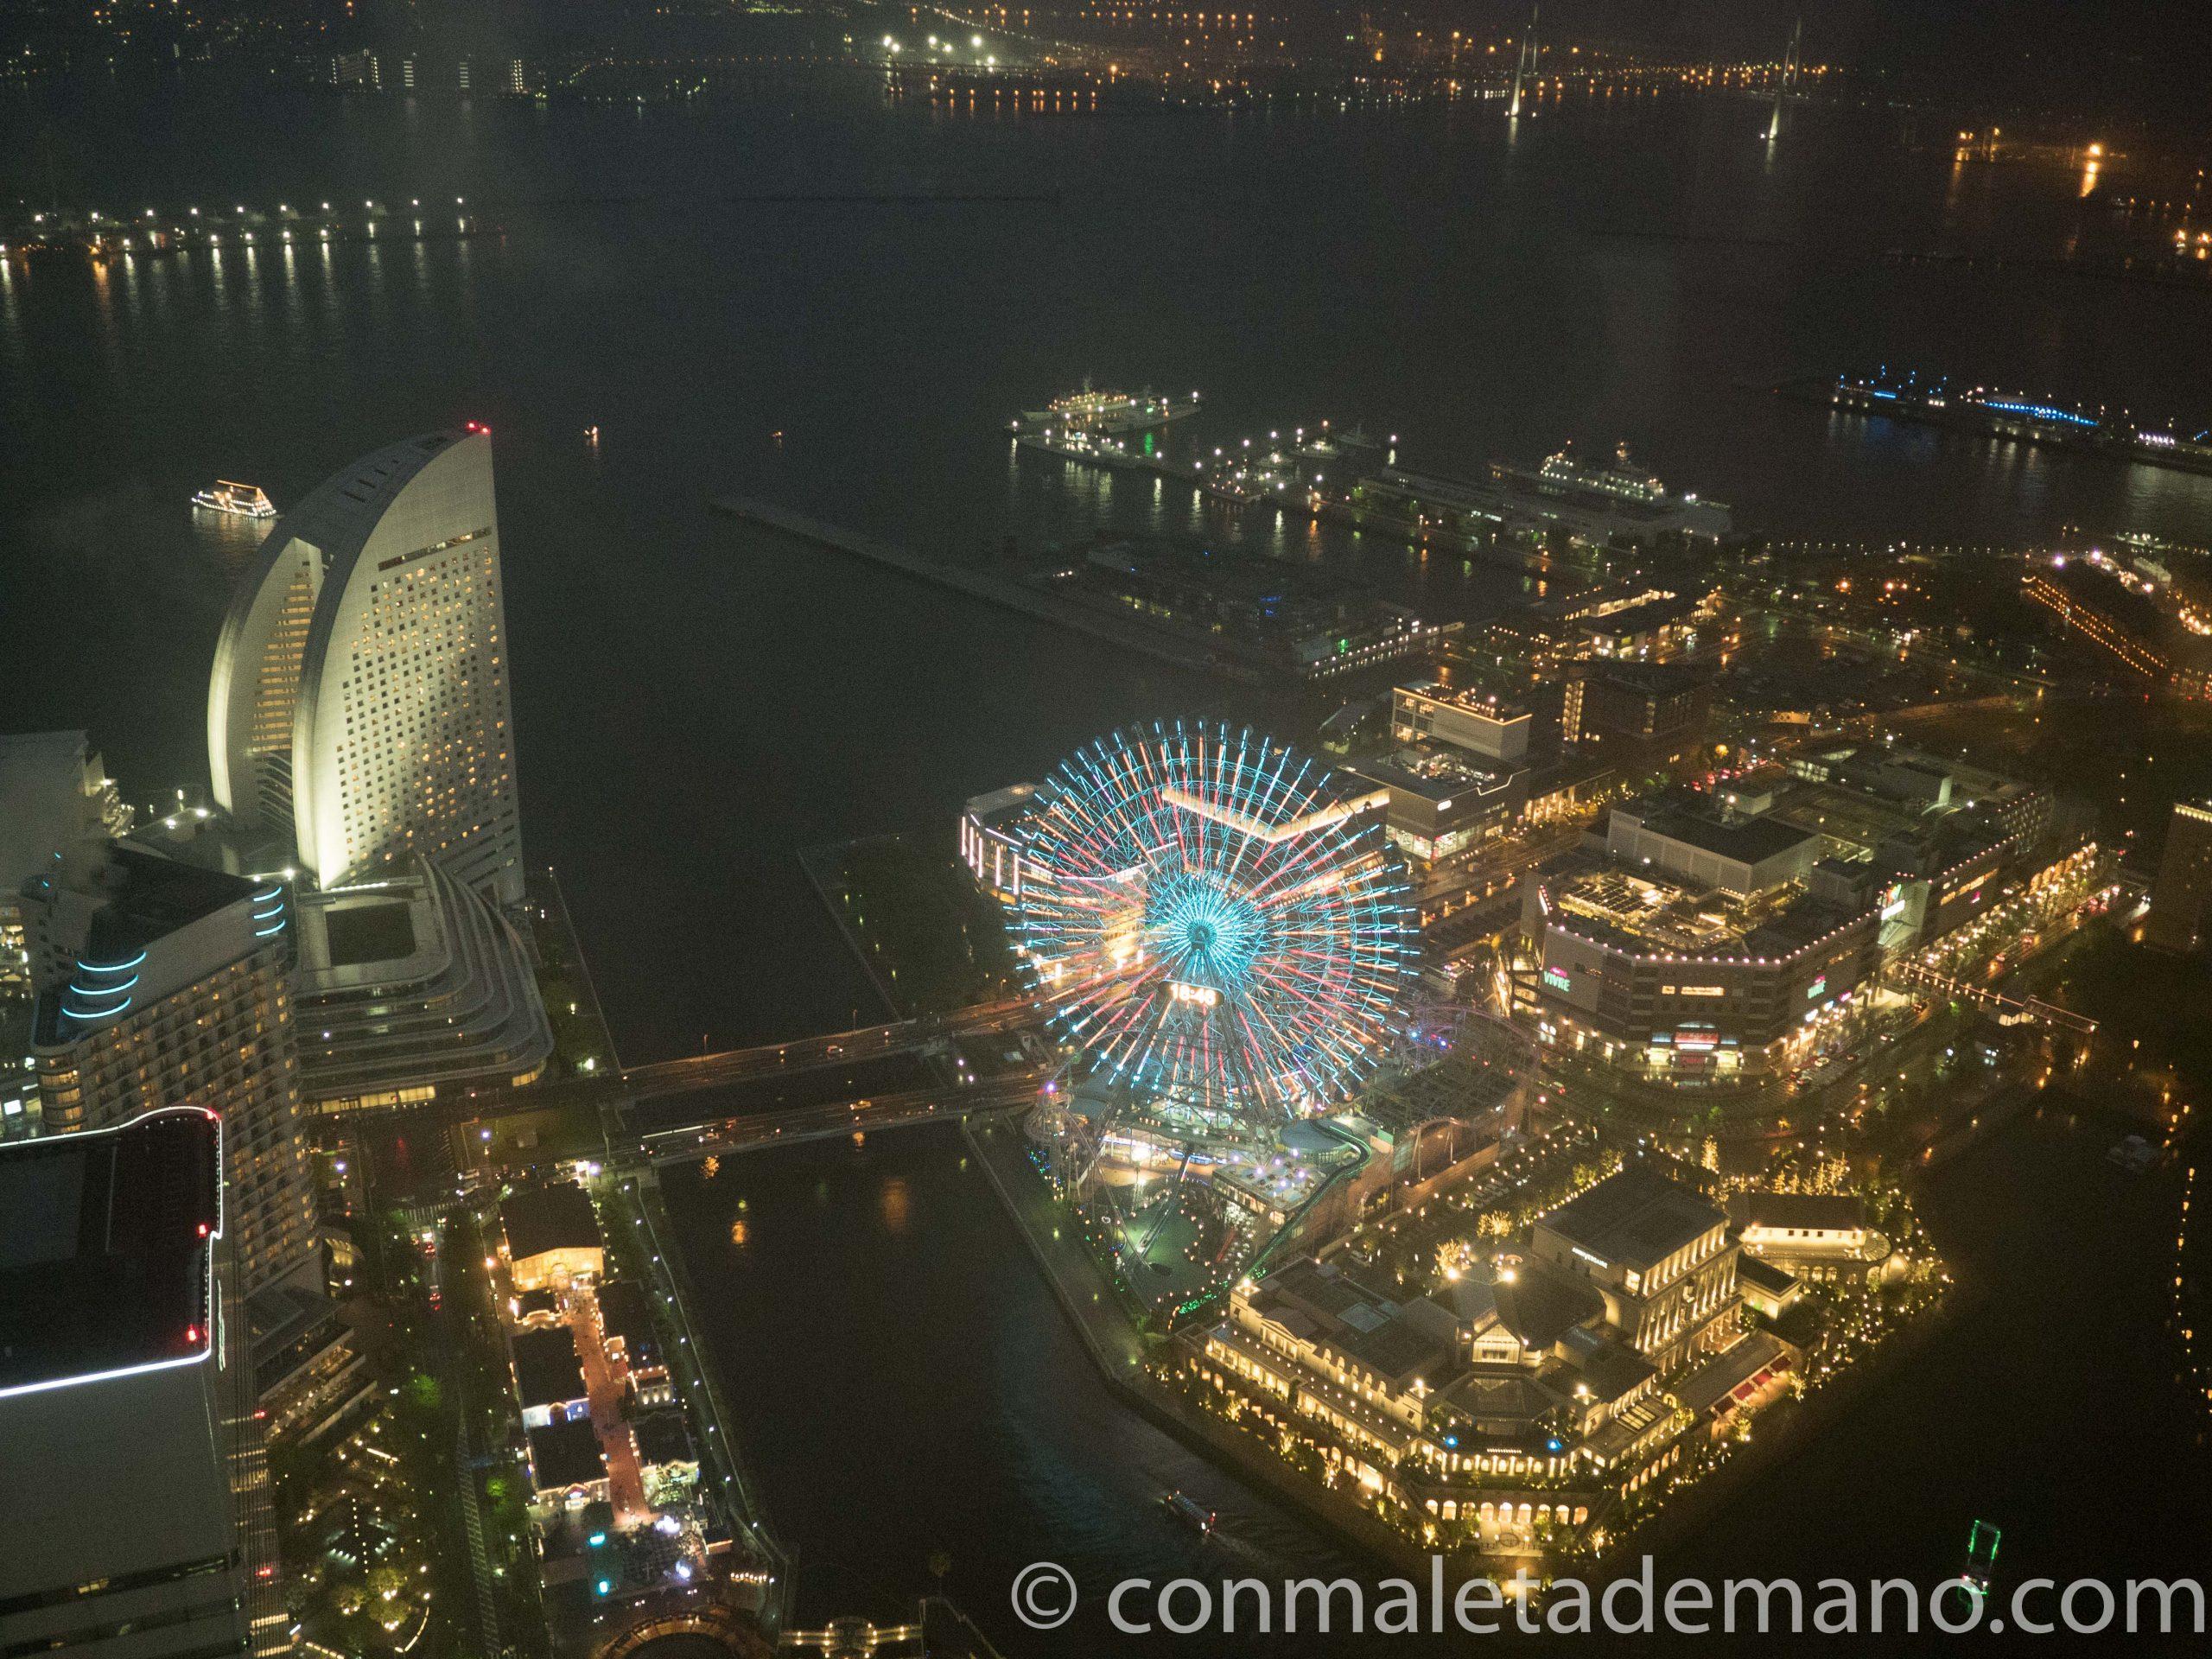 Vistas desde la Landmark Tower por la noche, con la noria multicolor